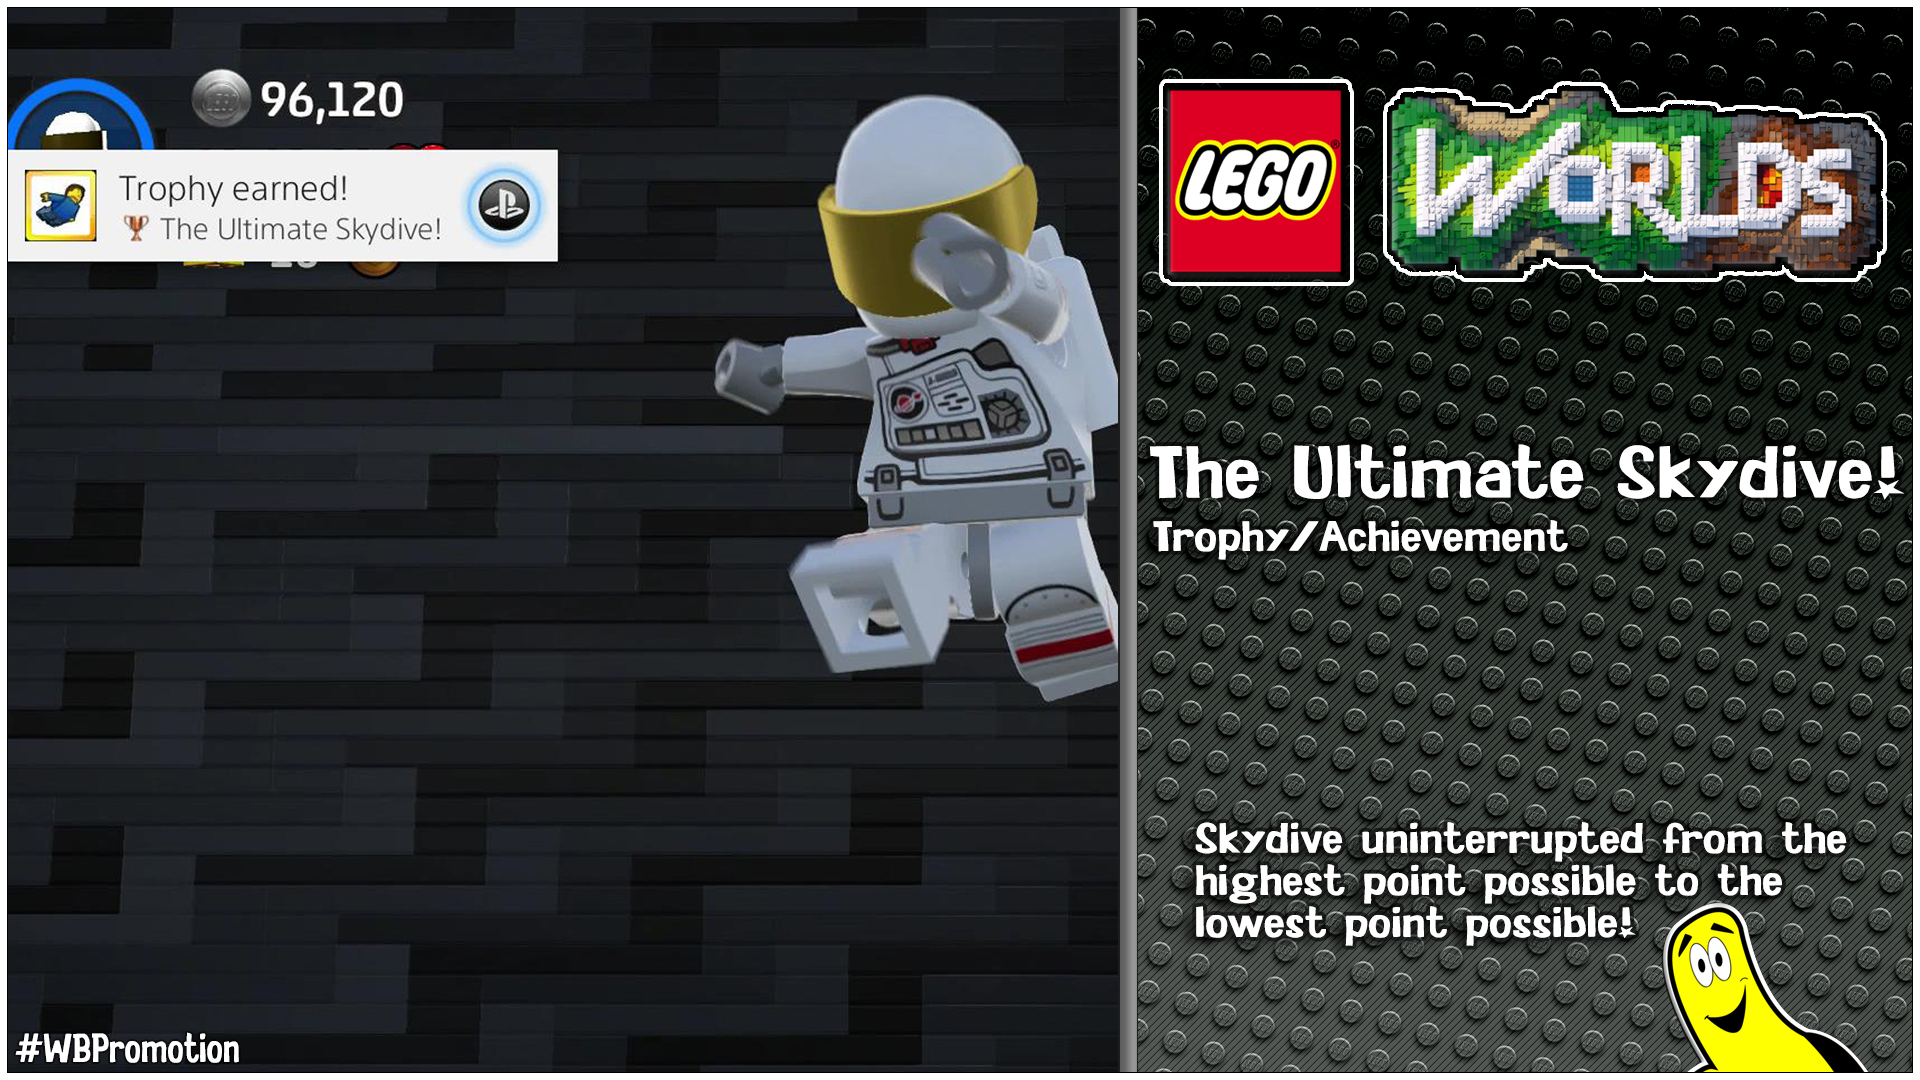 LegoWorldsTheUltimateSkydiveThumb